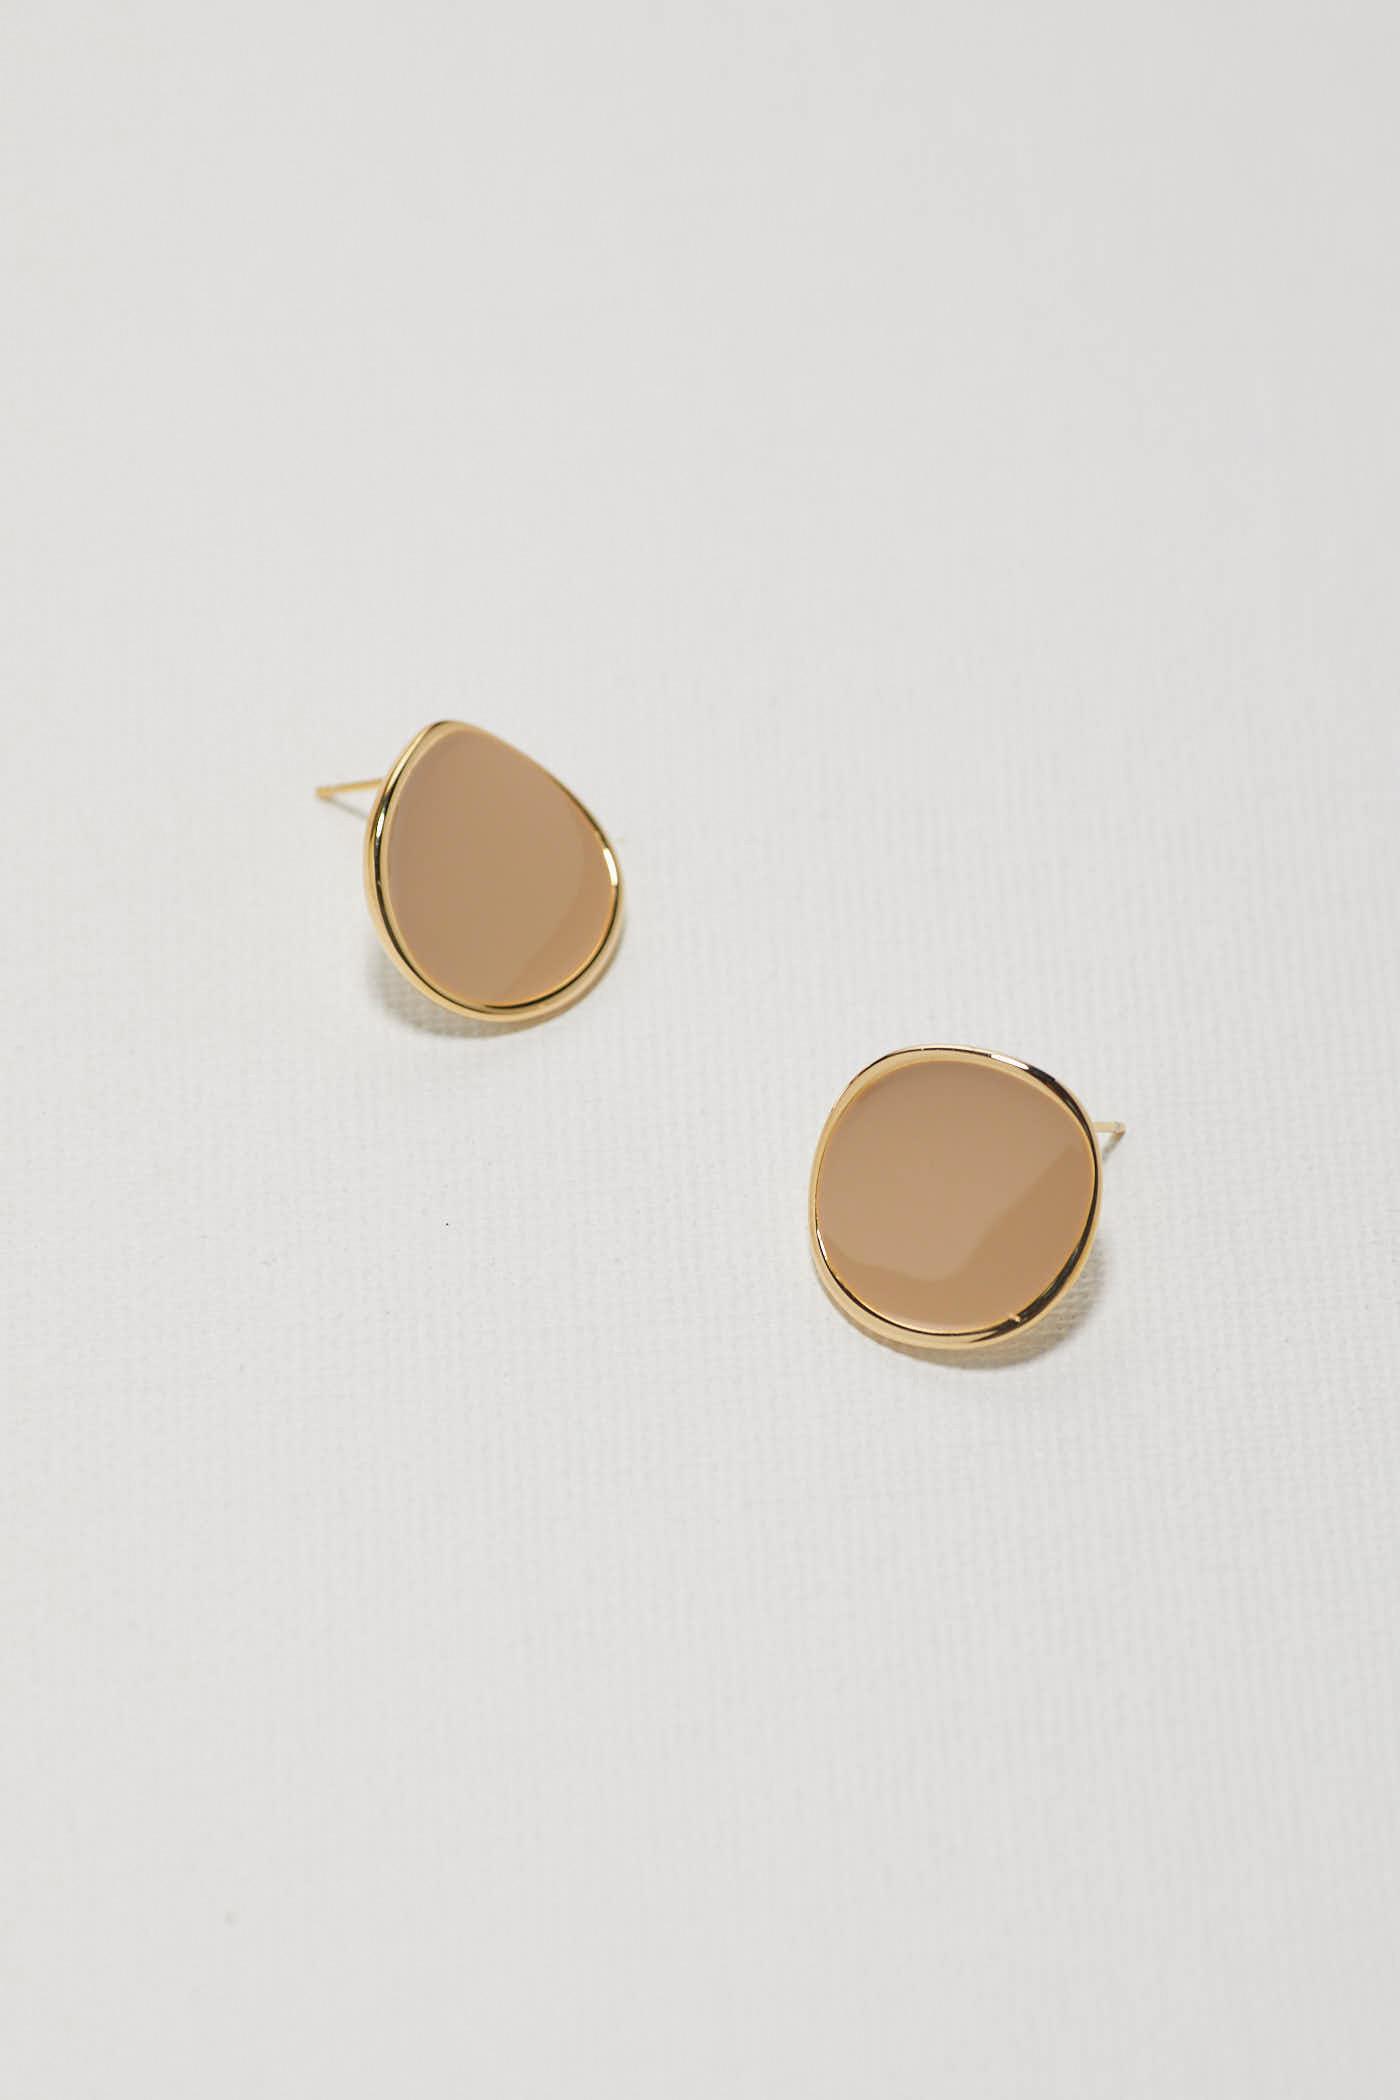 Oeth Earrings